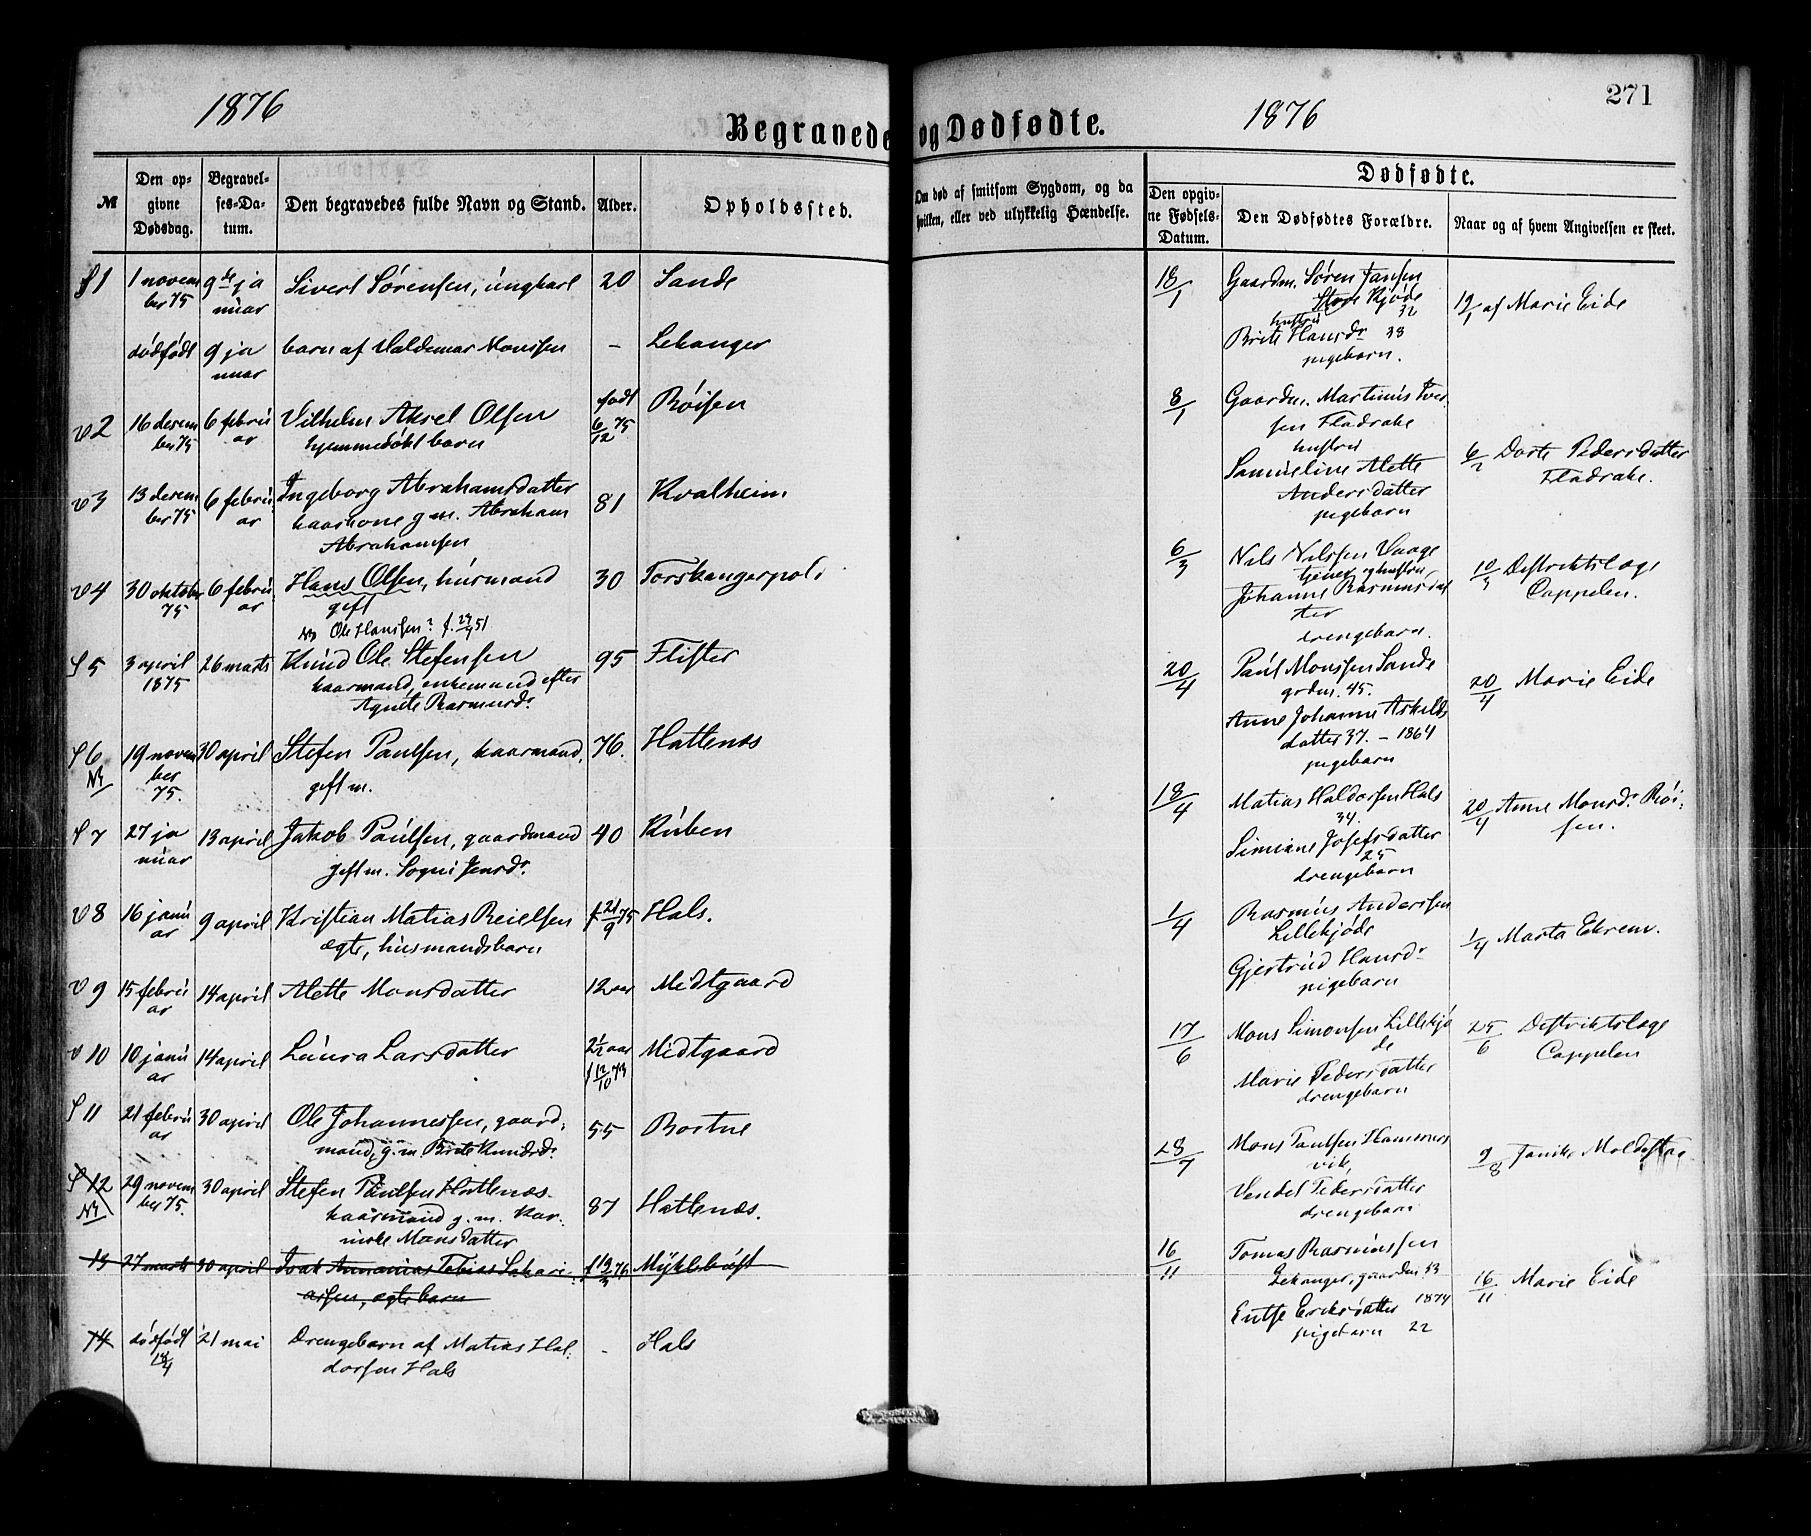 SAB, Selje sokneprestembete*, Ministerialbok nr. A 12, 1870-1880, s. 271